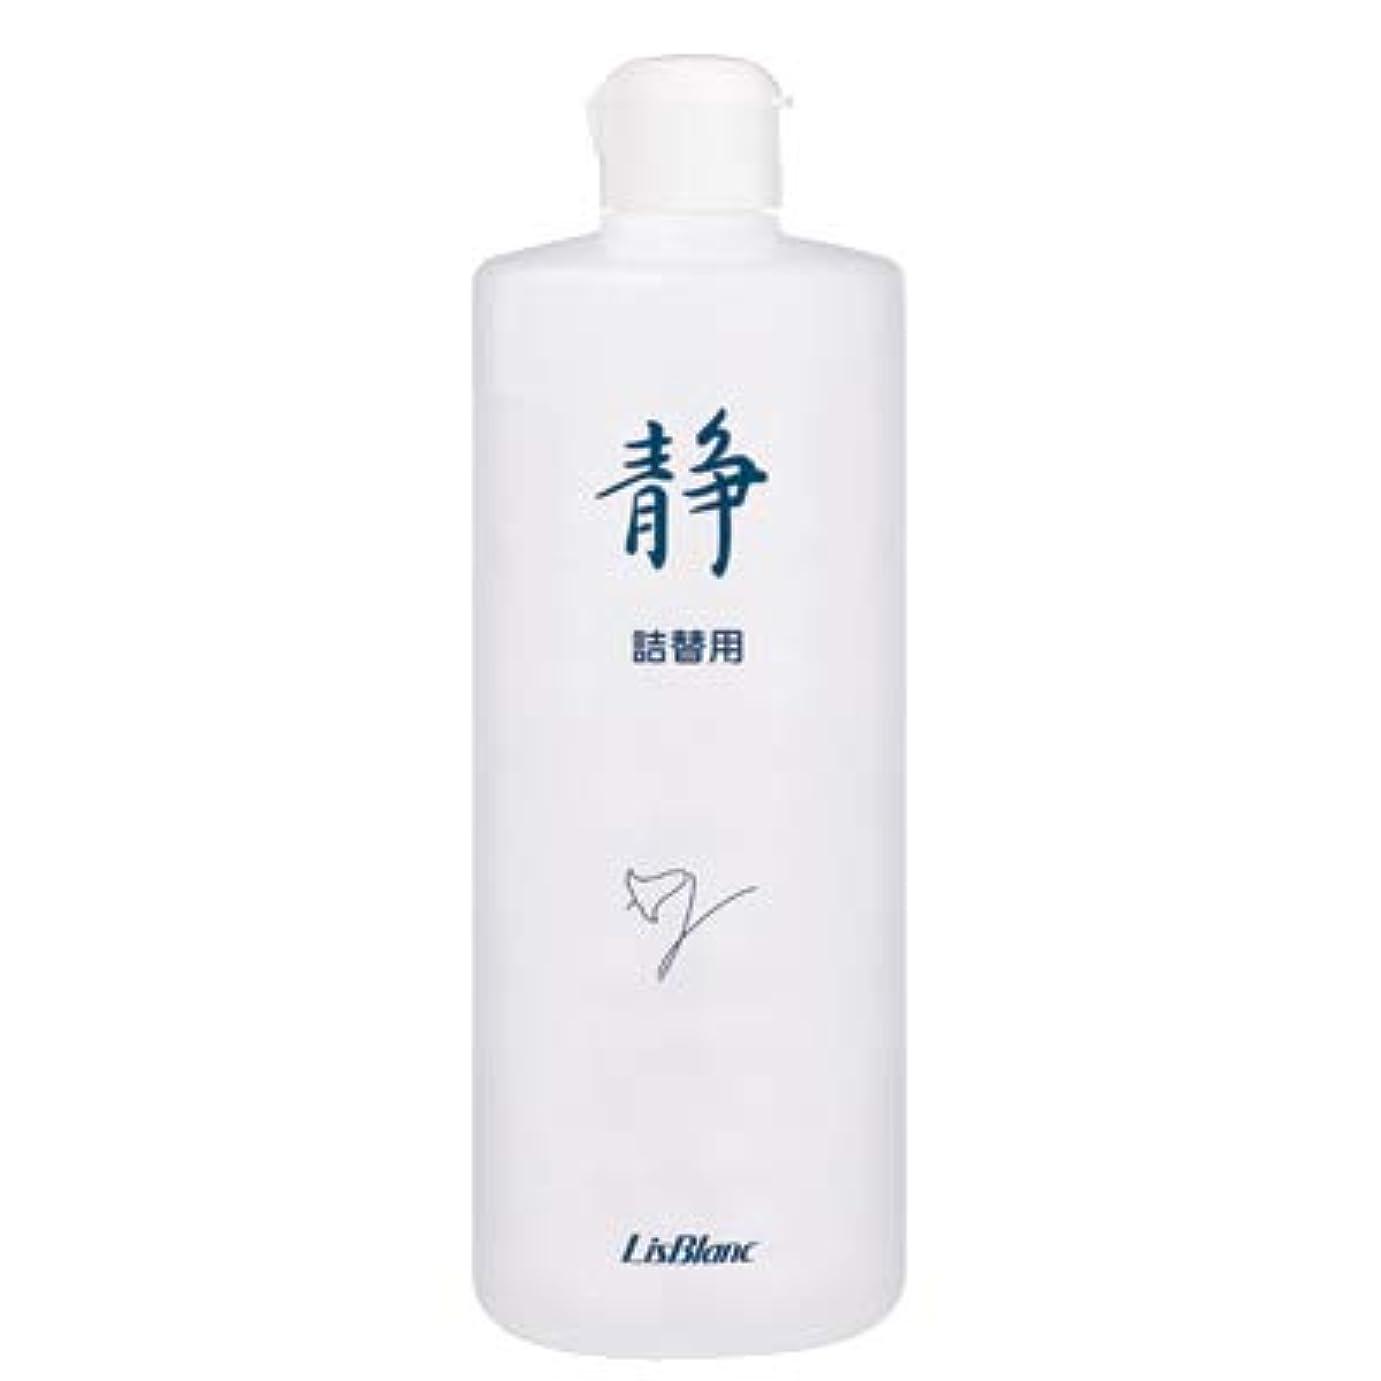 根絶する定期的なノベルティリスブラン しずかスプレー 徳用 500mL フェイス&ボディ用化粧水